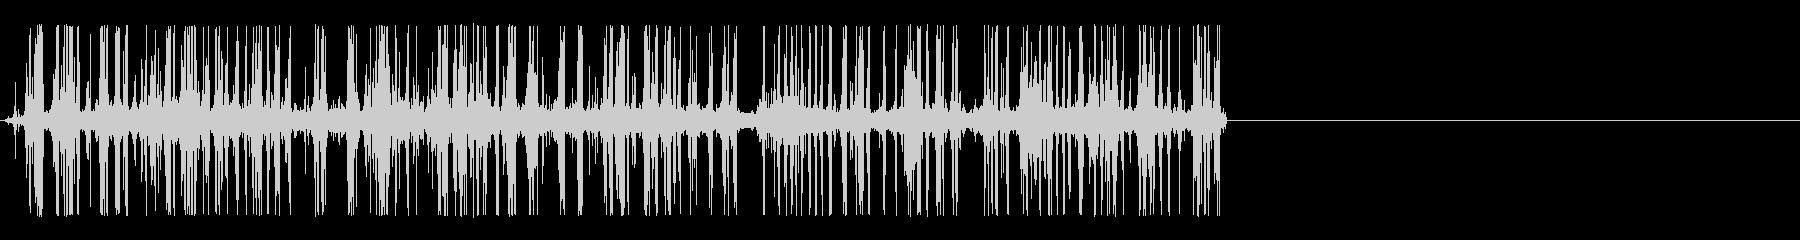 ページを流し読みする音(ペラララララ)の未再生の波形